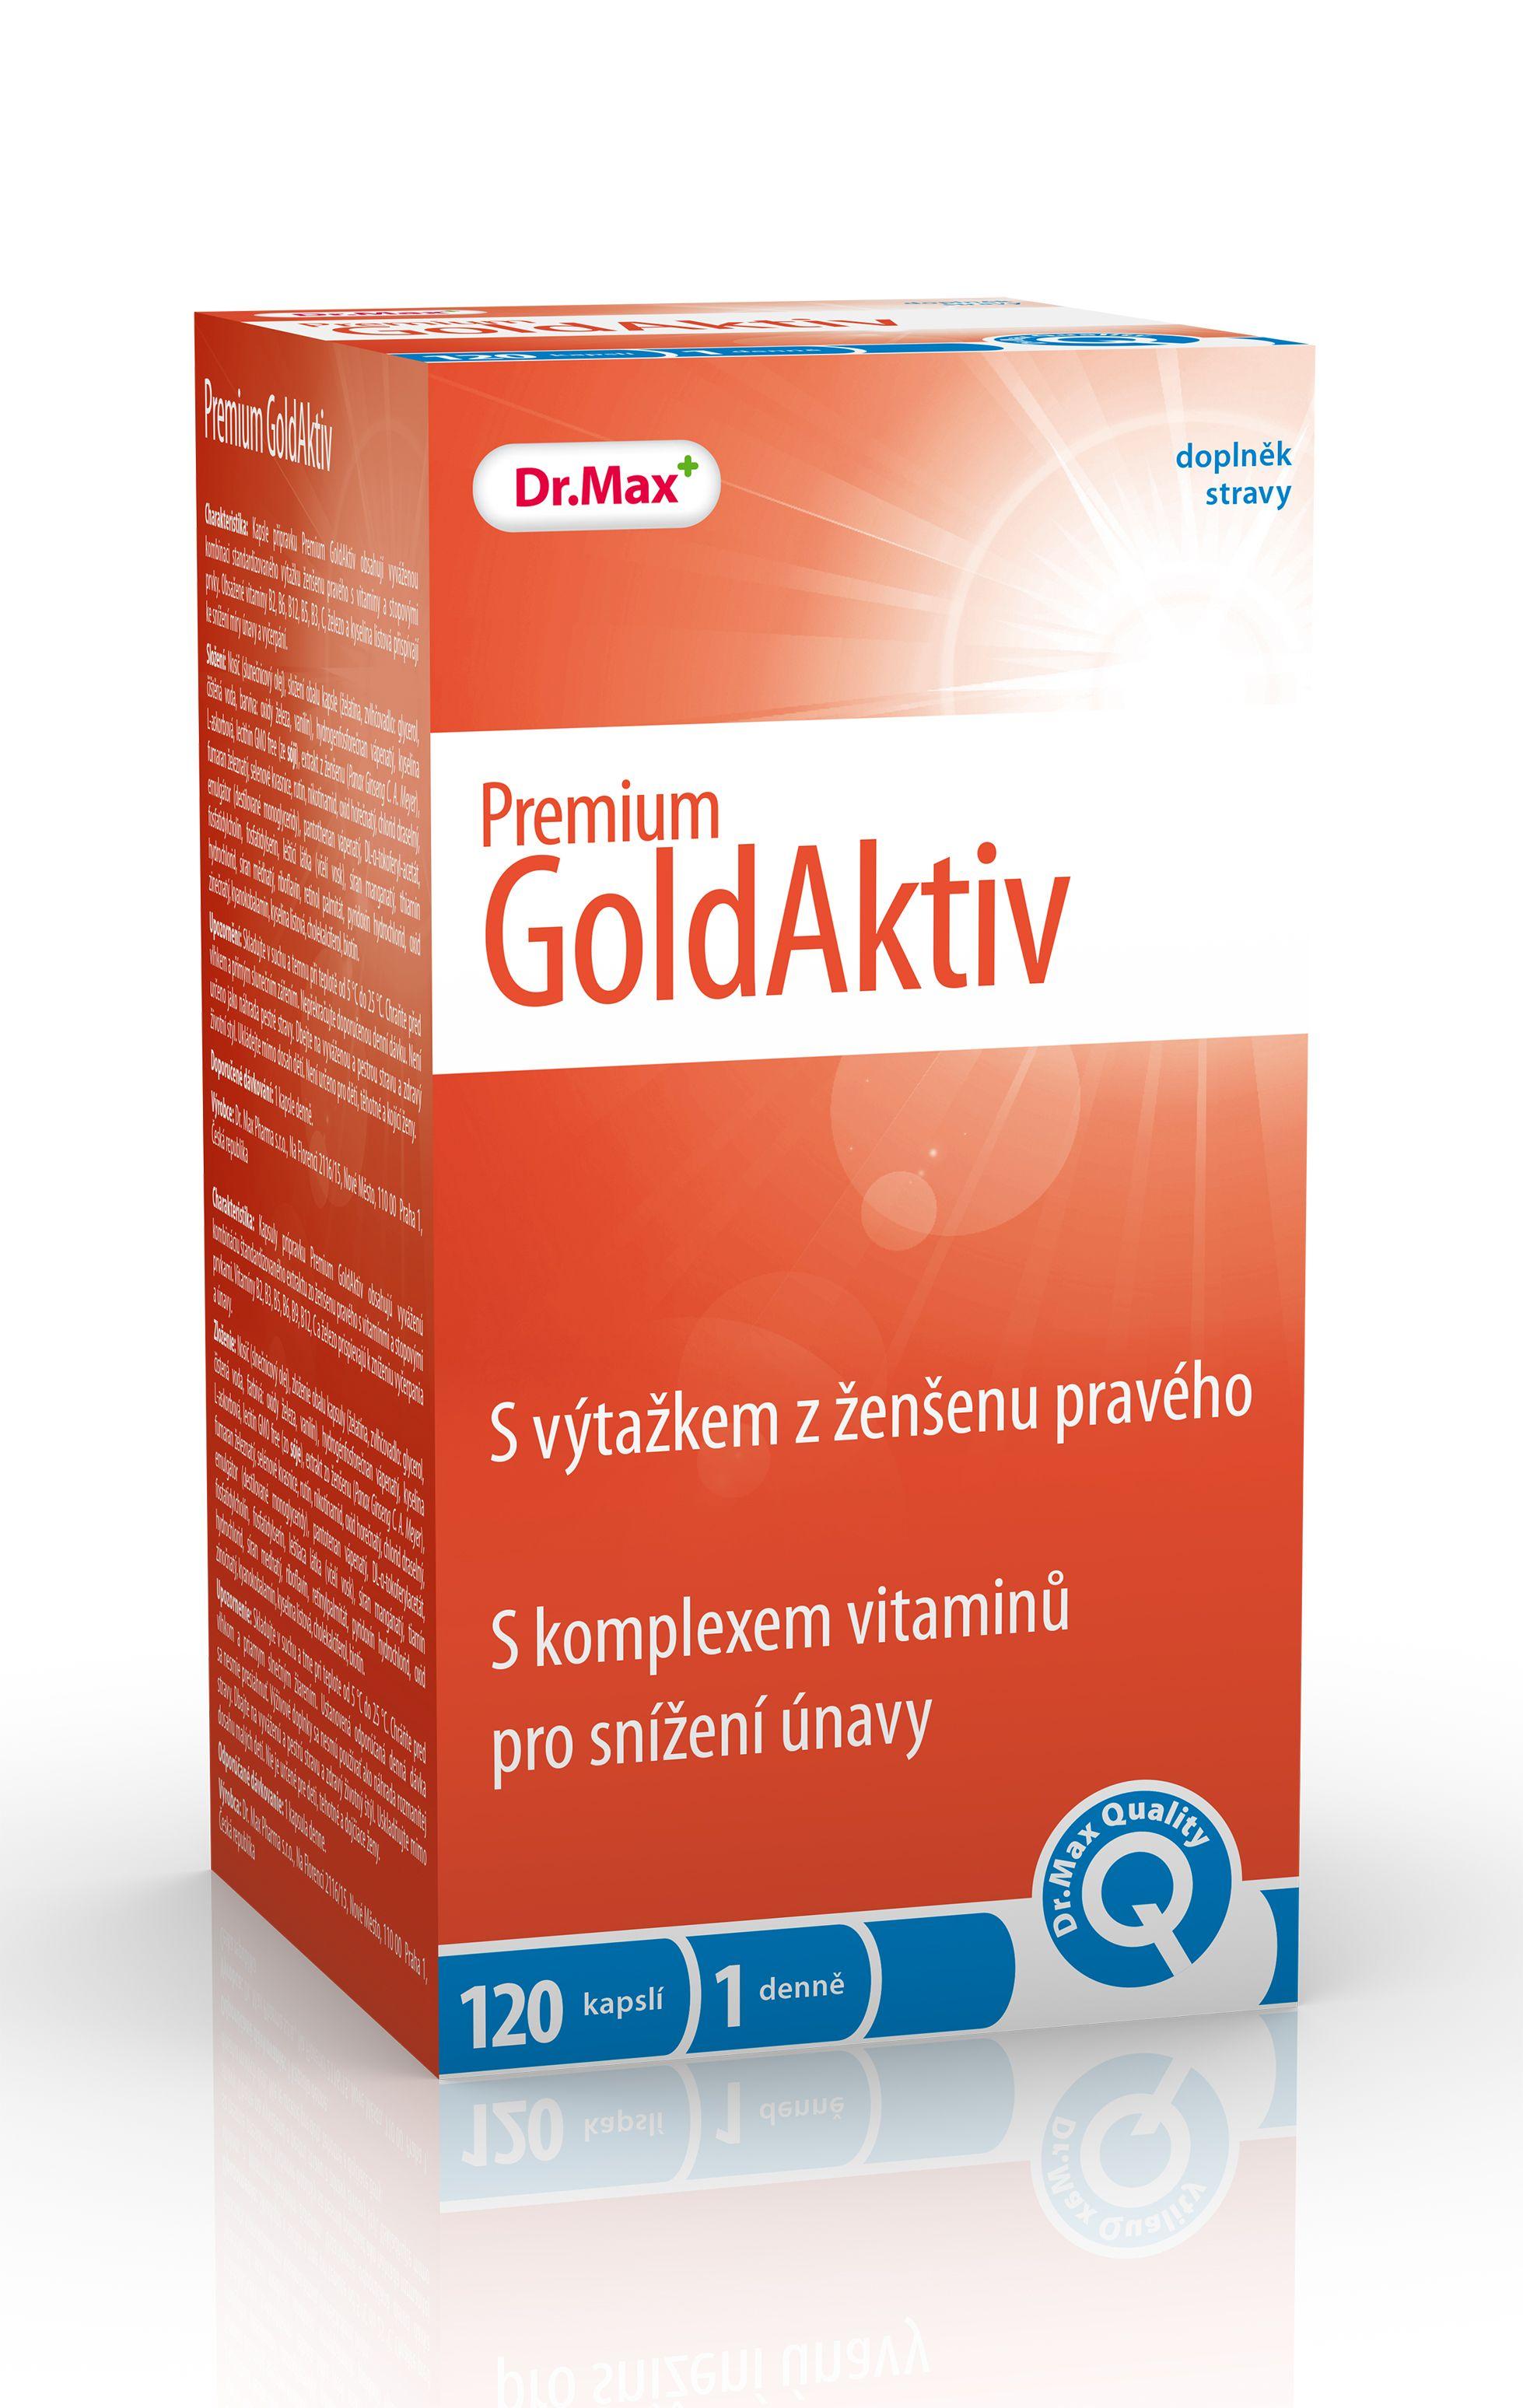 Dr.Max Premium GoldAktiv cps.100+20